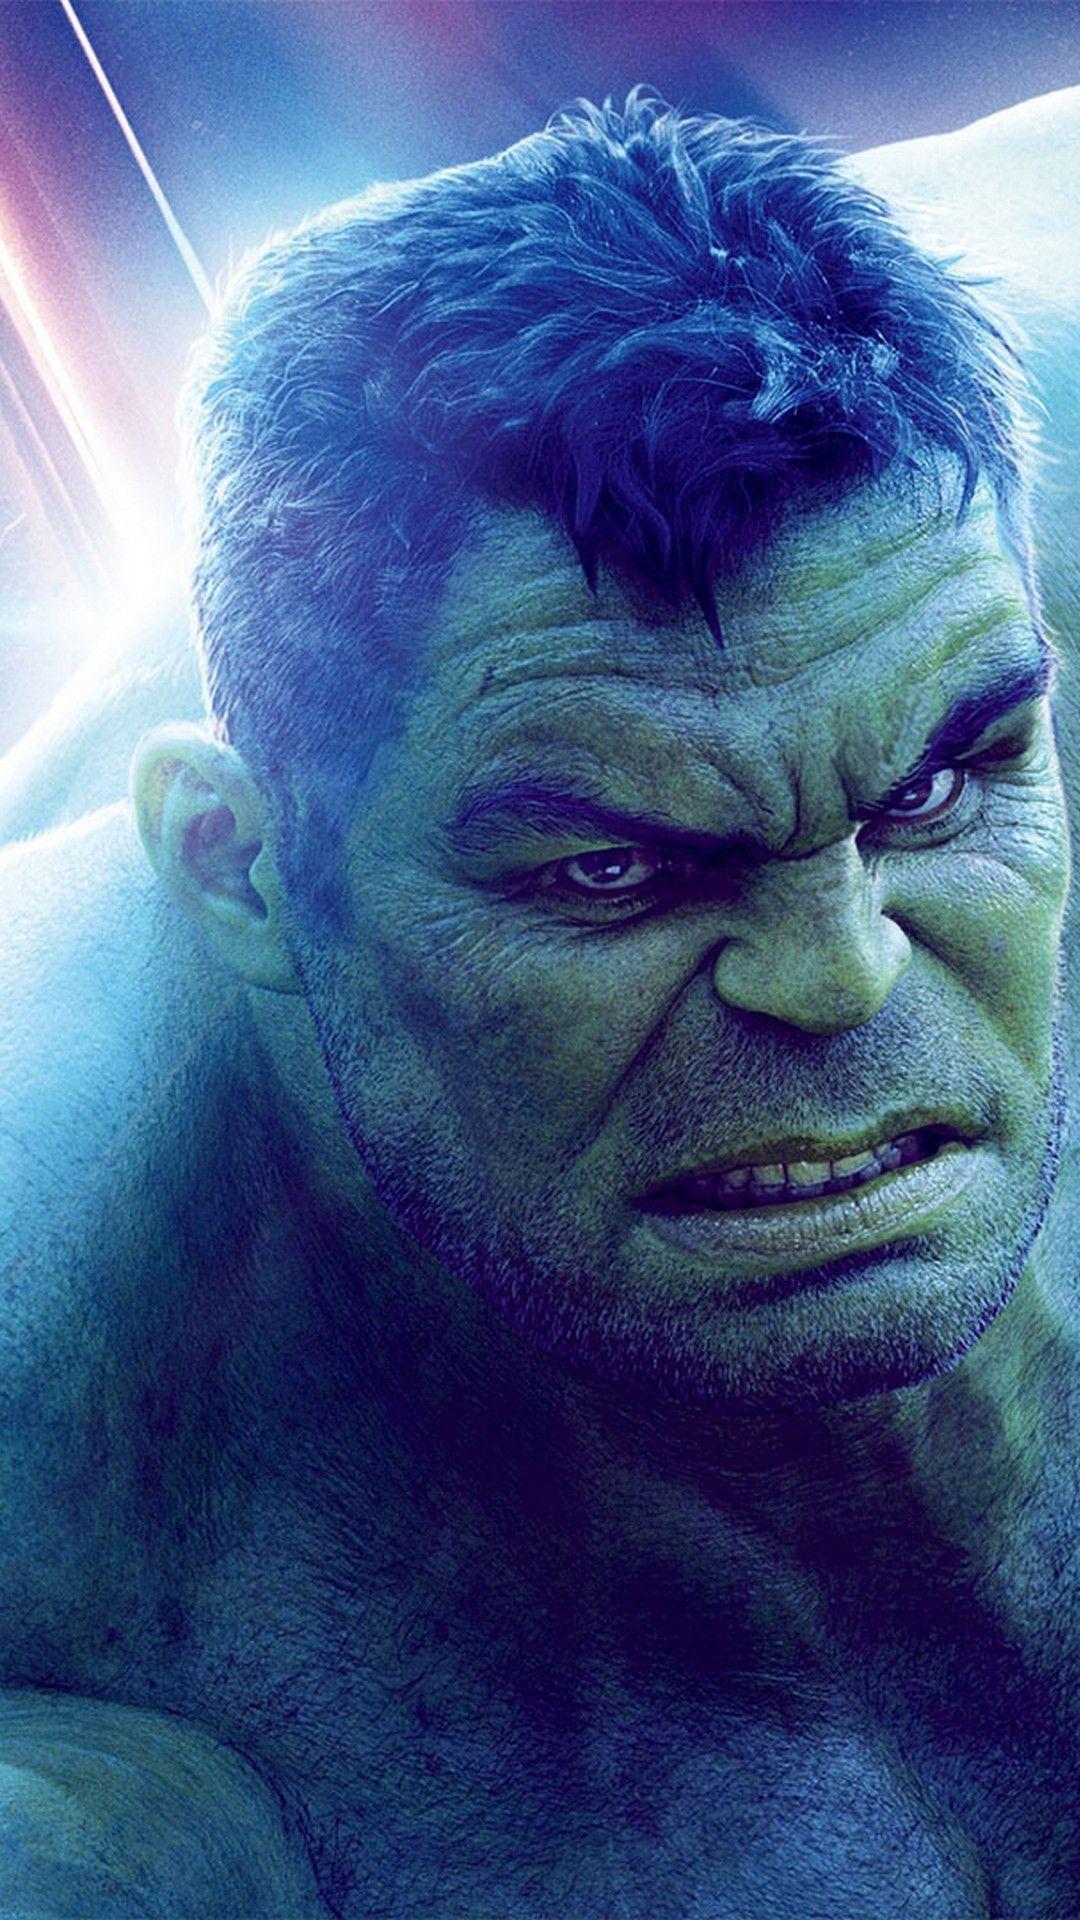 Hulk Avengers Endgame Iphone Wallpaper Best Movie Poster